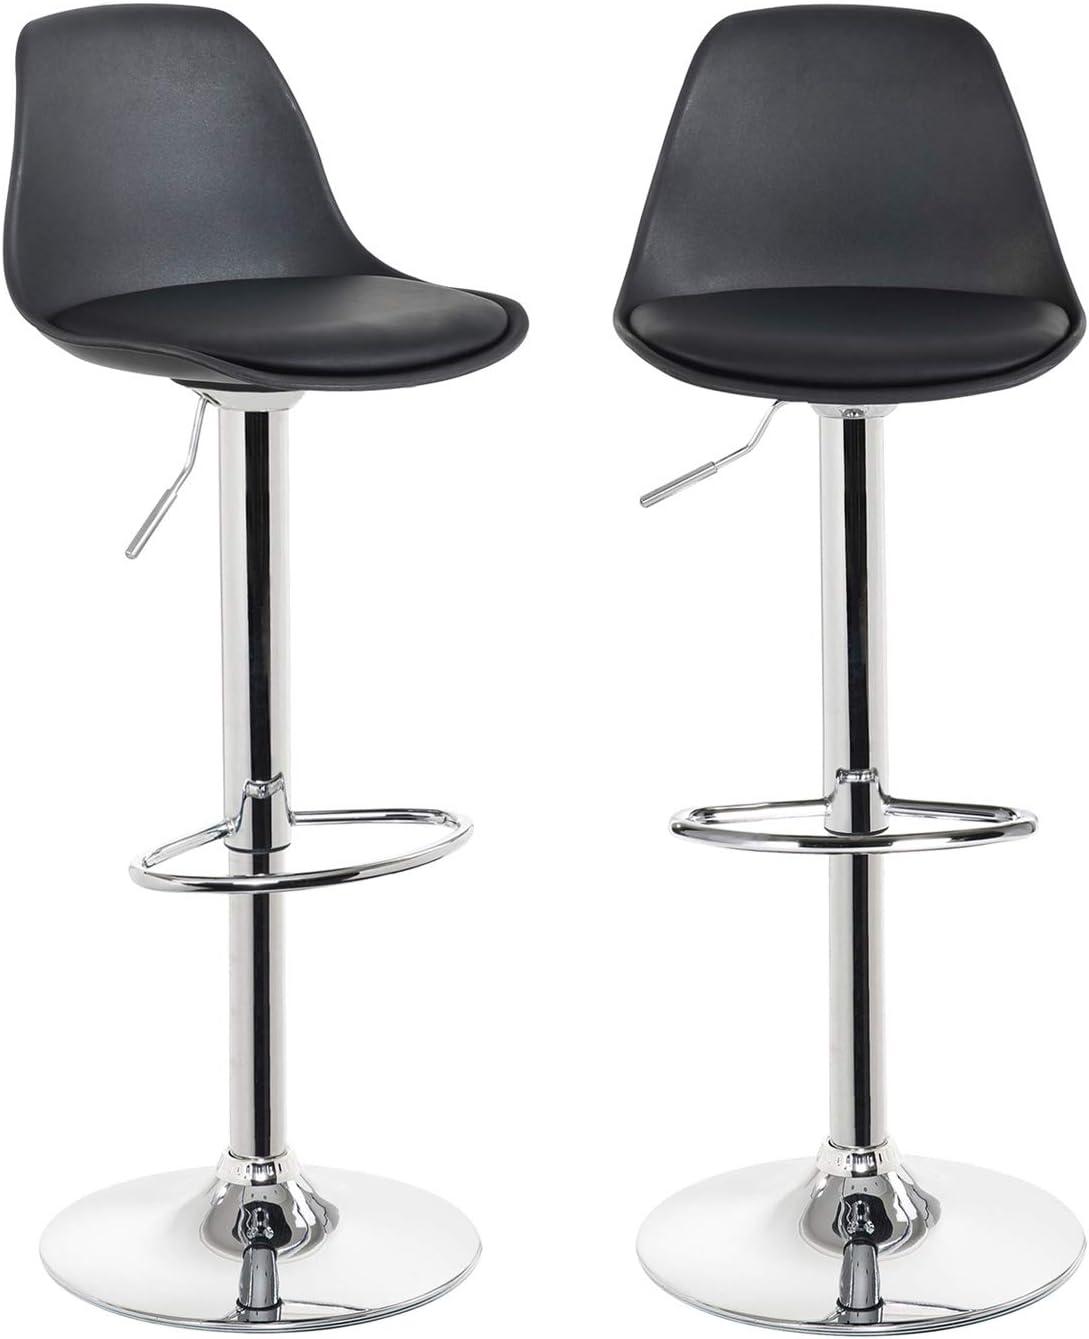 Kayelles Tabourets De Bar Cuisine Design Sig Lot De 2 Chaises De Bar Reglable Noir Amazon Fr Cuisine Maison